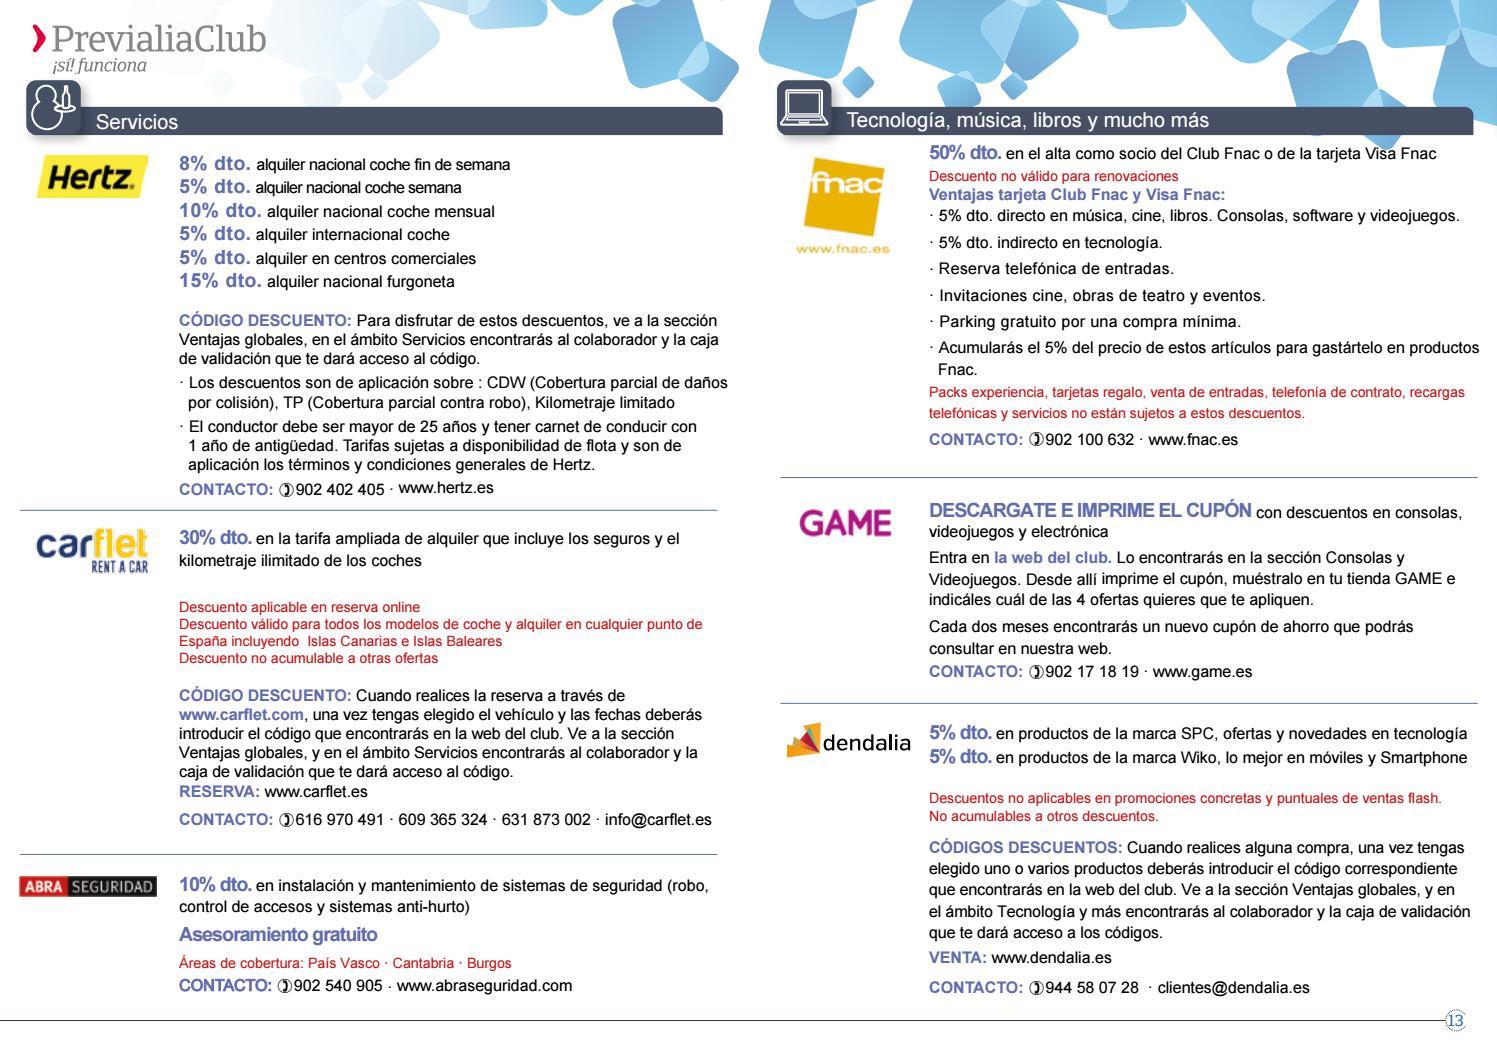 Catálogo de ventajas de ahorro ahorro ahorro Previalia club by Previsora Bilbaina 021175